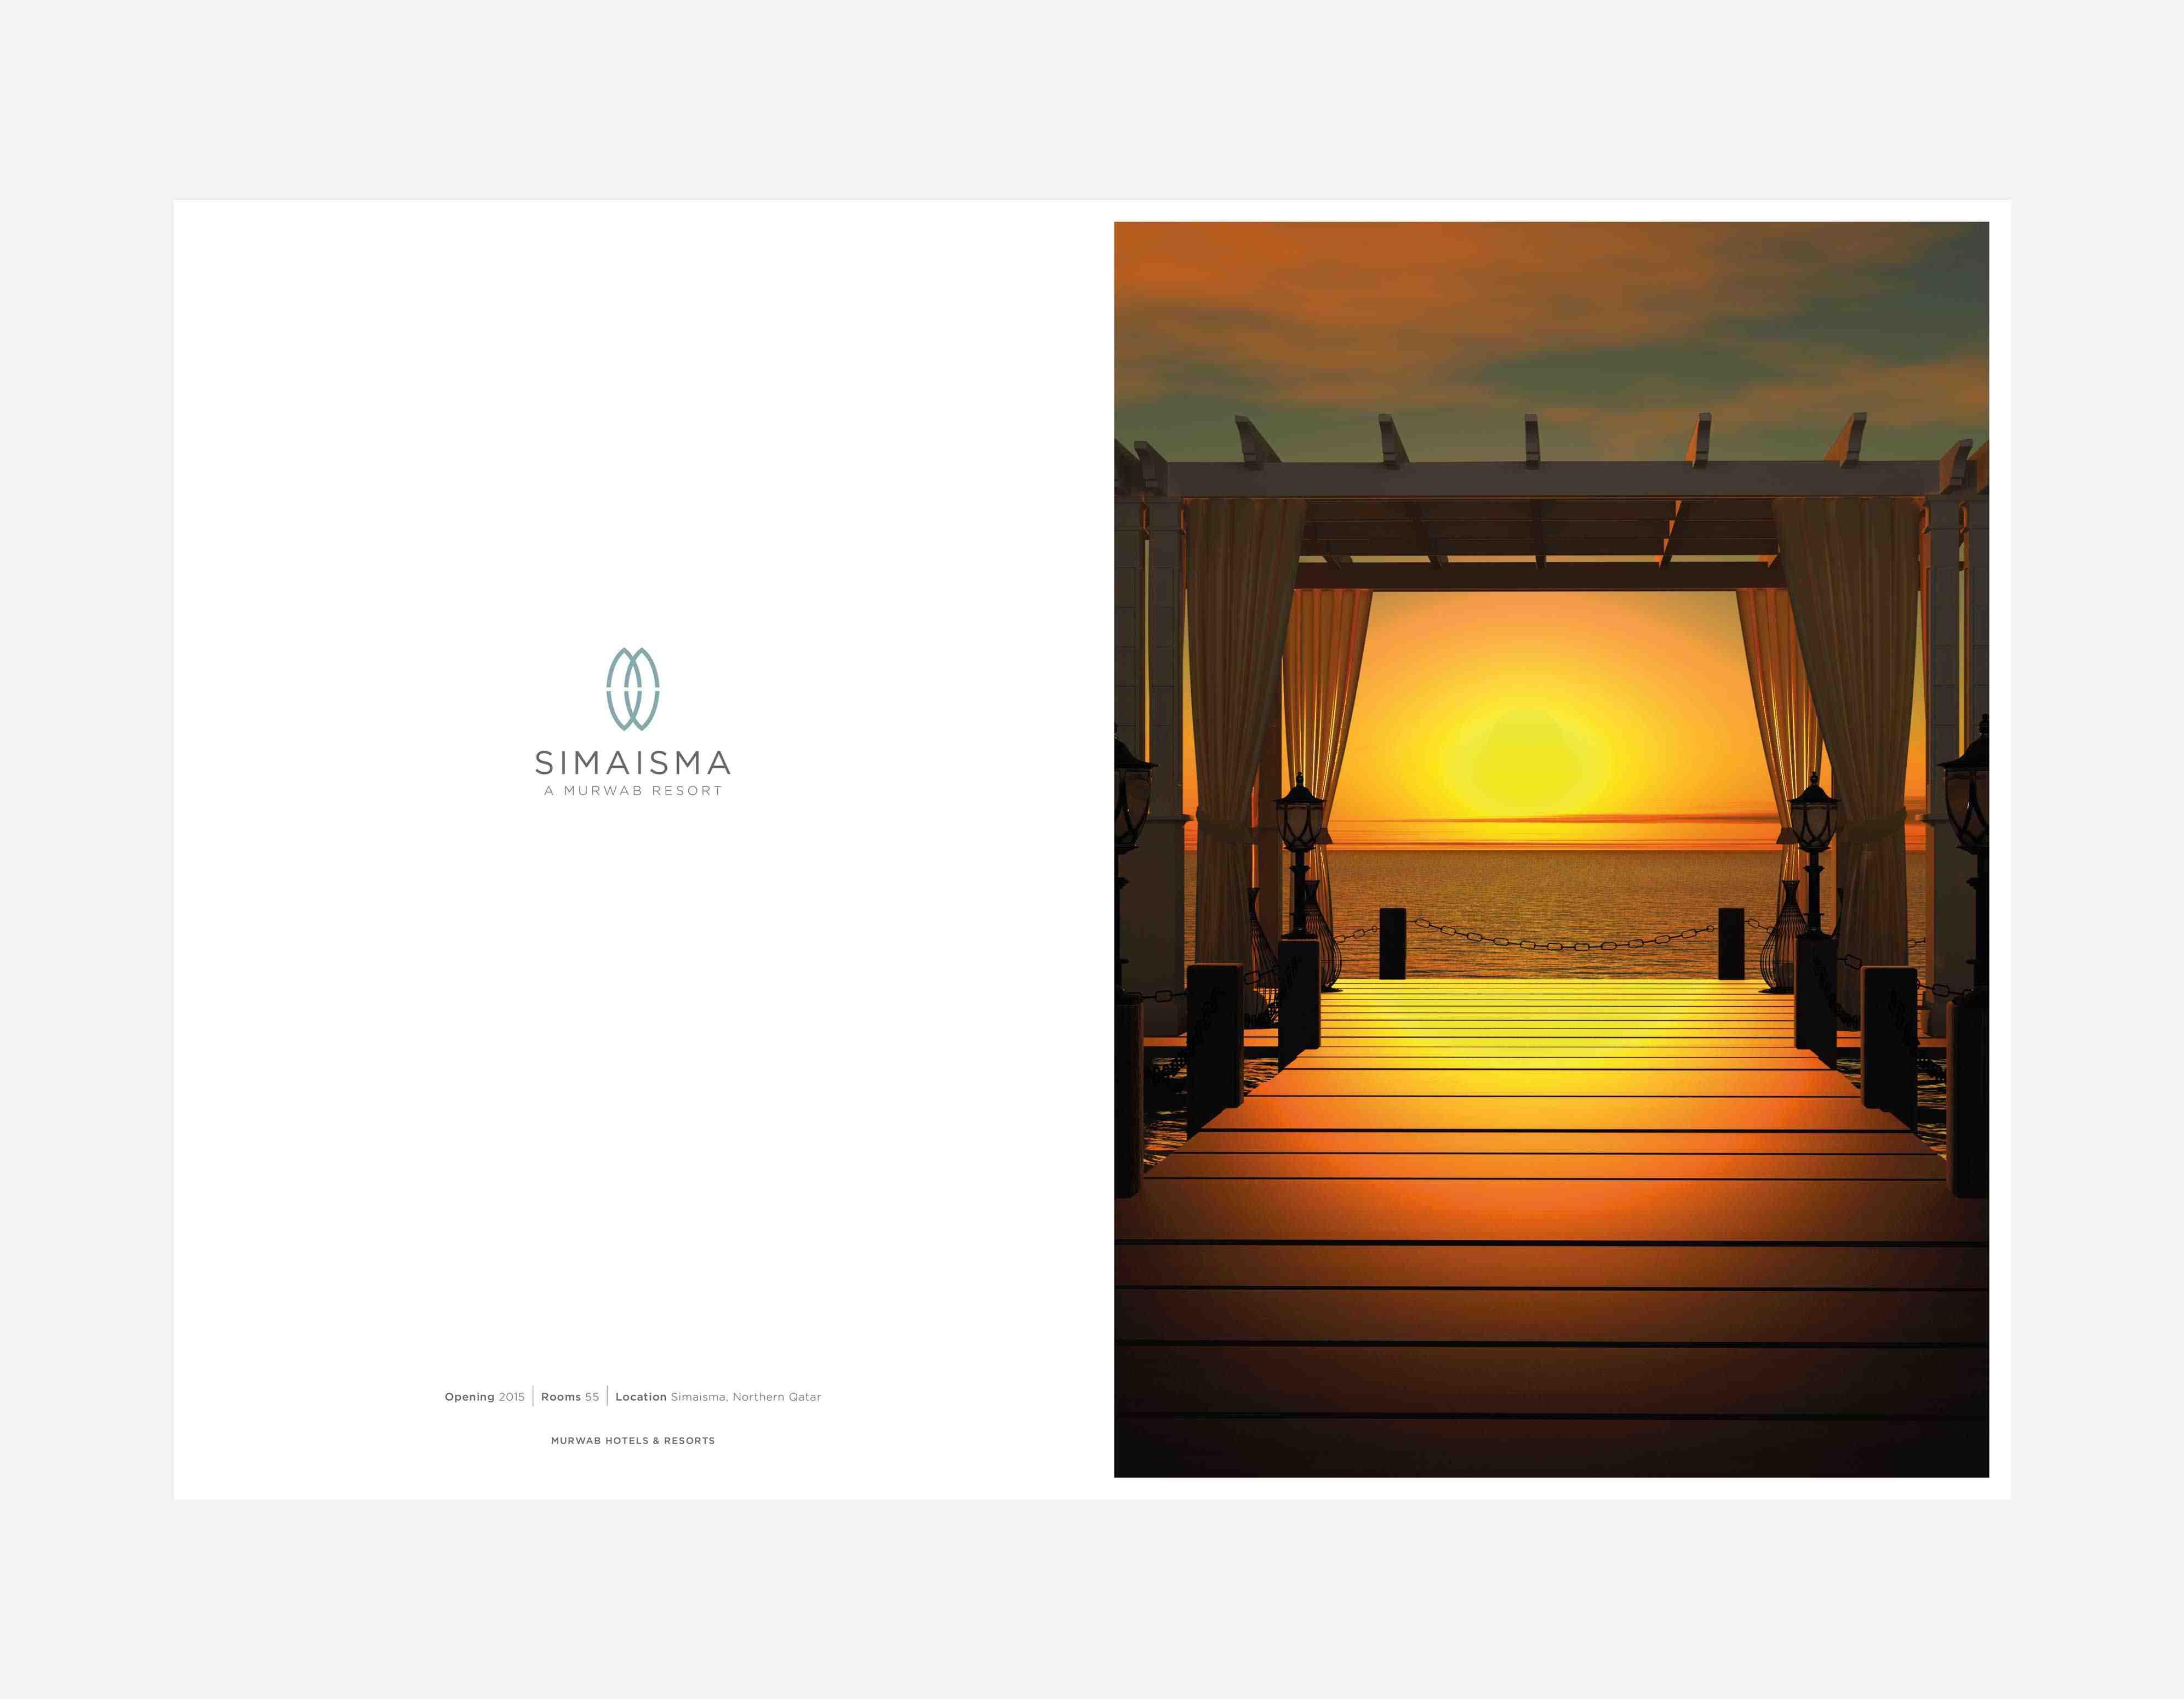 Murwab-Brochure-3.jpg